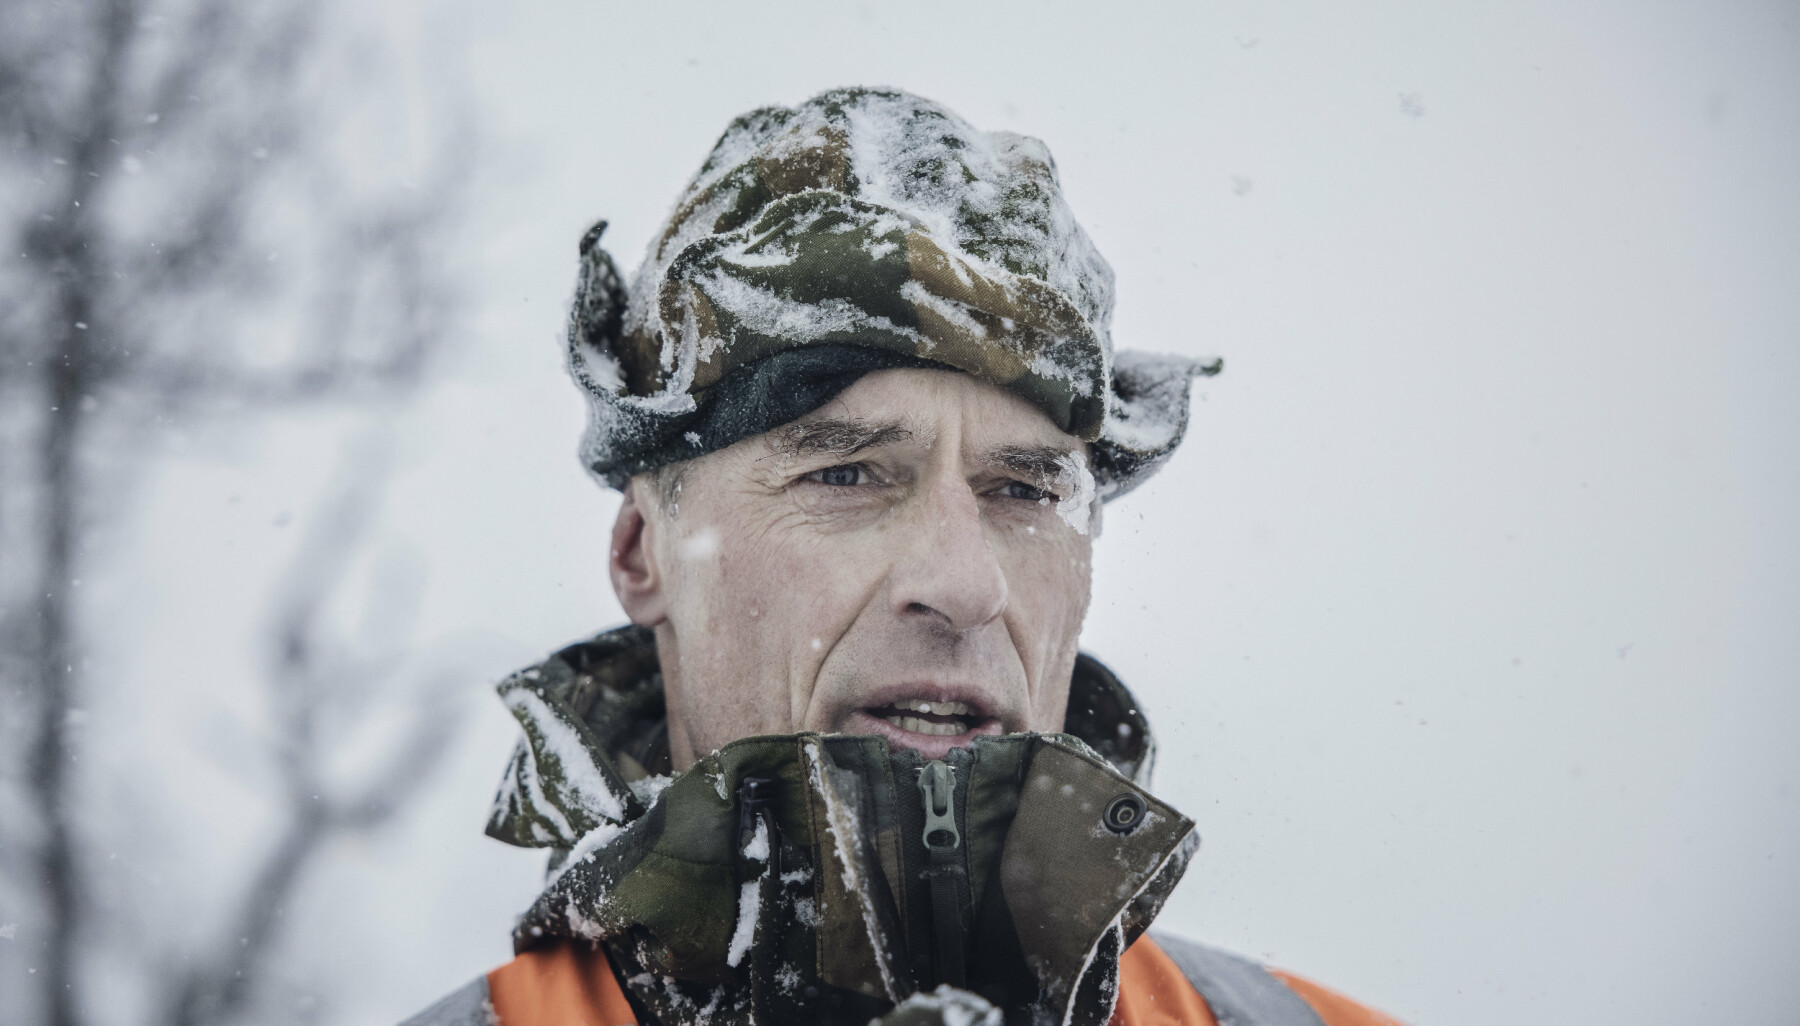 SKRED-EKSPERT: Snøskredvarsler major Morten Bie sørger for at Artilleribataljonen får prøvd seg på realistisk snøskredredning. Selv advarer han mot å legge ut på tur uten å ta med spade, søkestang og sender/mottaker.